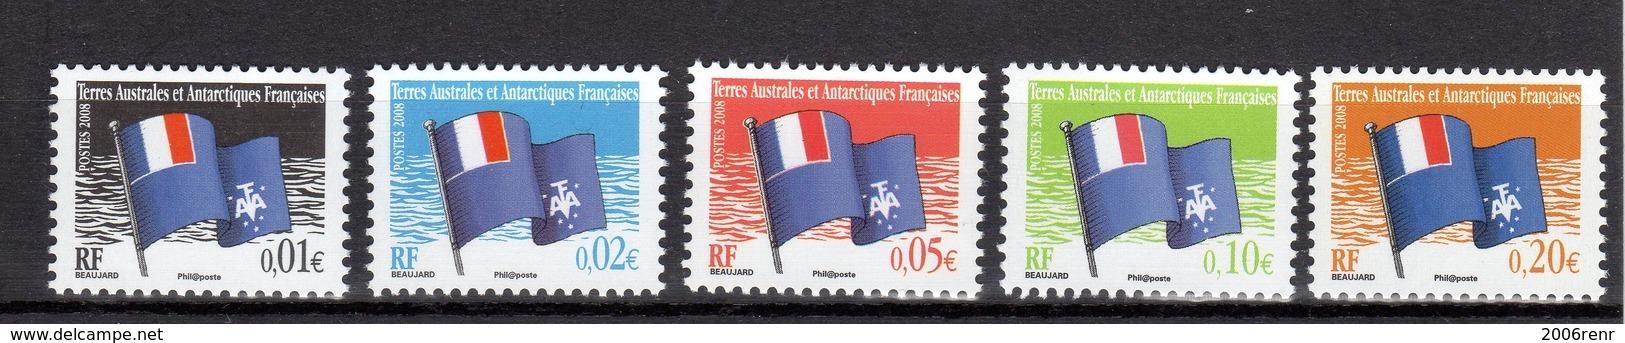 TAAF Poste 494/498 NEUFS** TRES BEAUX - Französische Süd- Und Antarktisgebiete (TAAF)